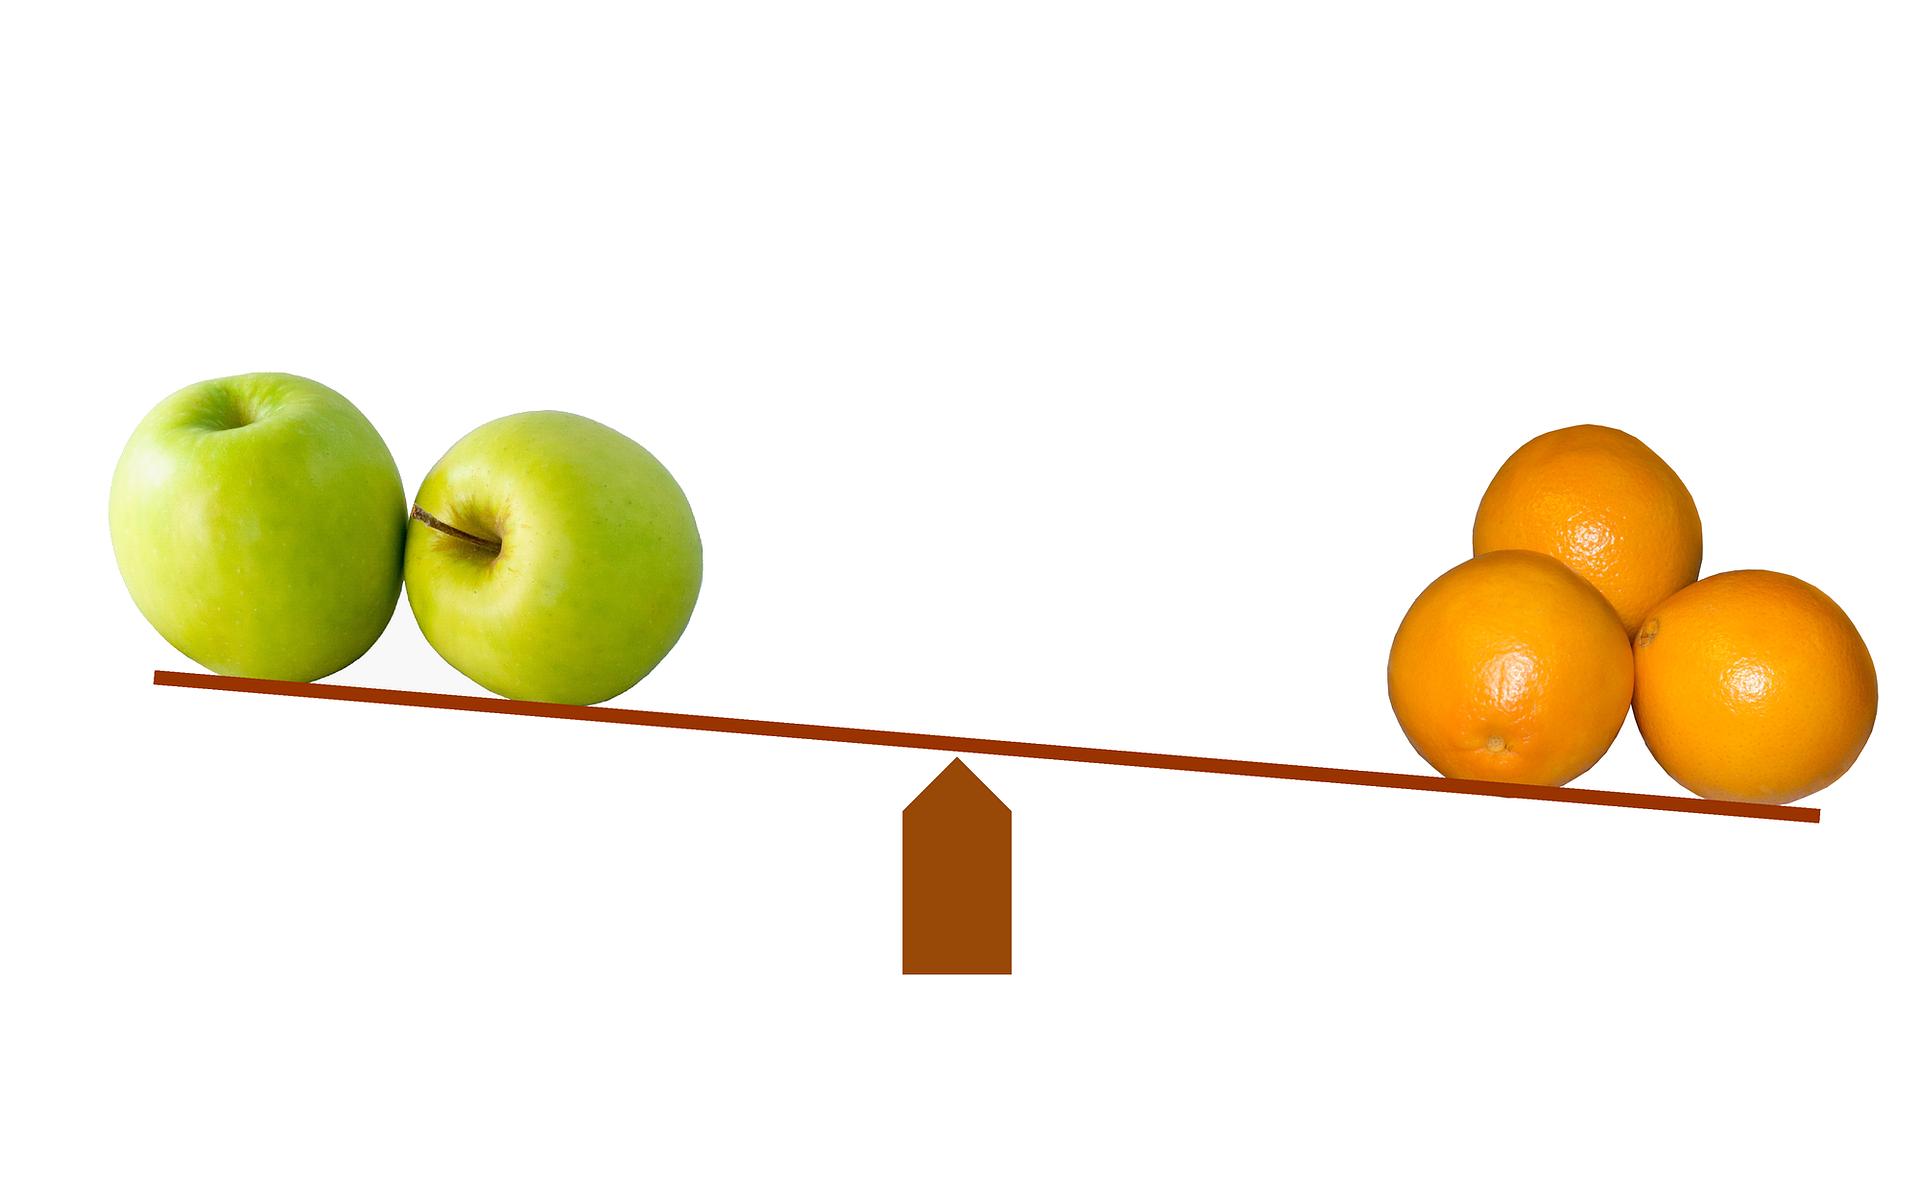 epler og bananer balanserer